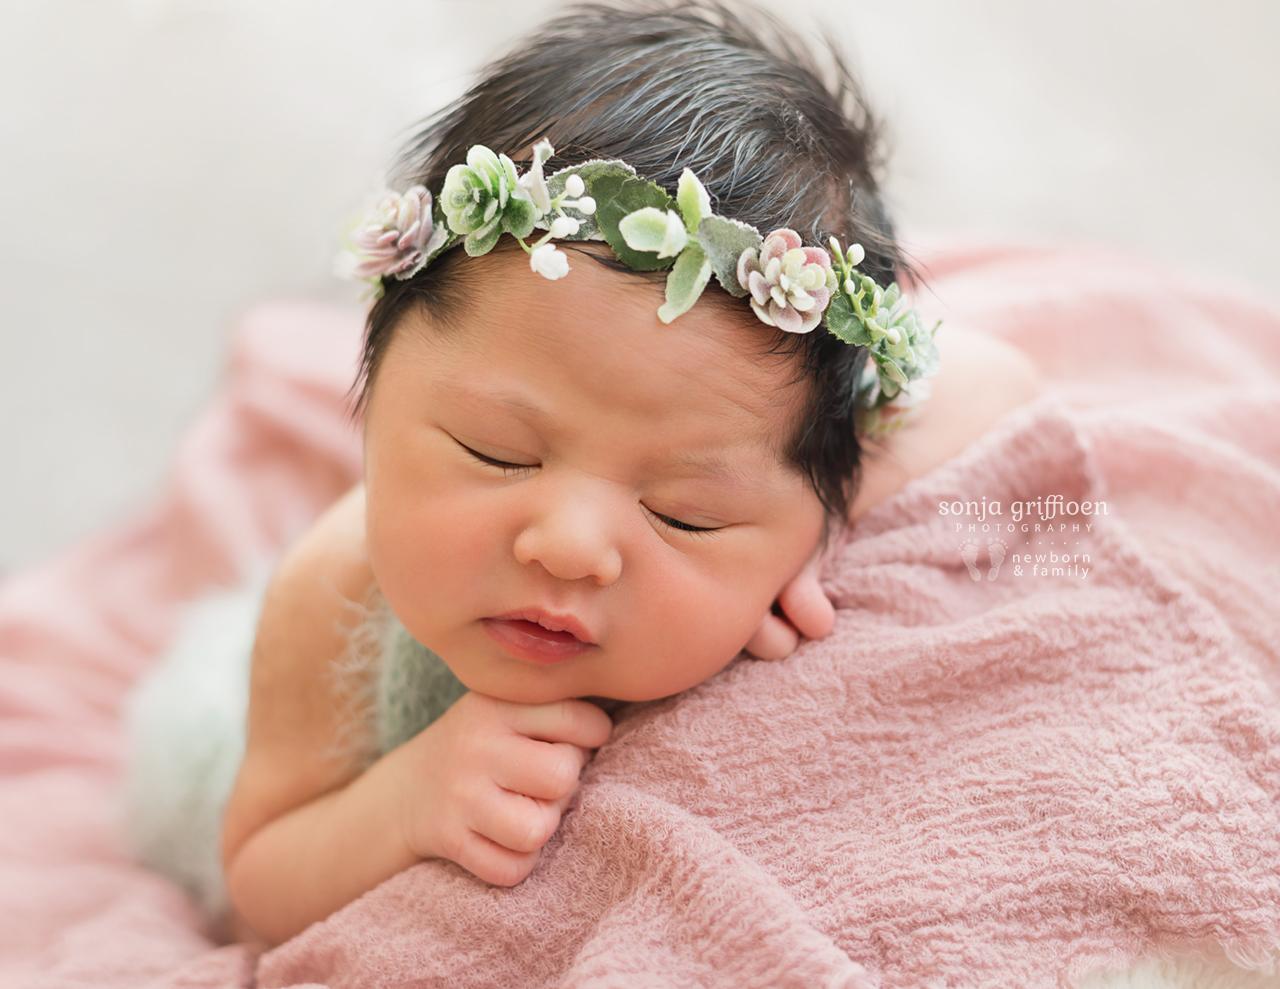 Adelina-Newborn-Brisbane-Newborn-Photographer-Sonja-Griffioen-02.jpg